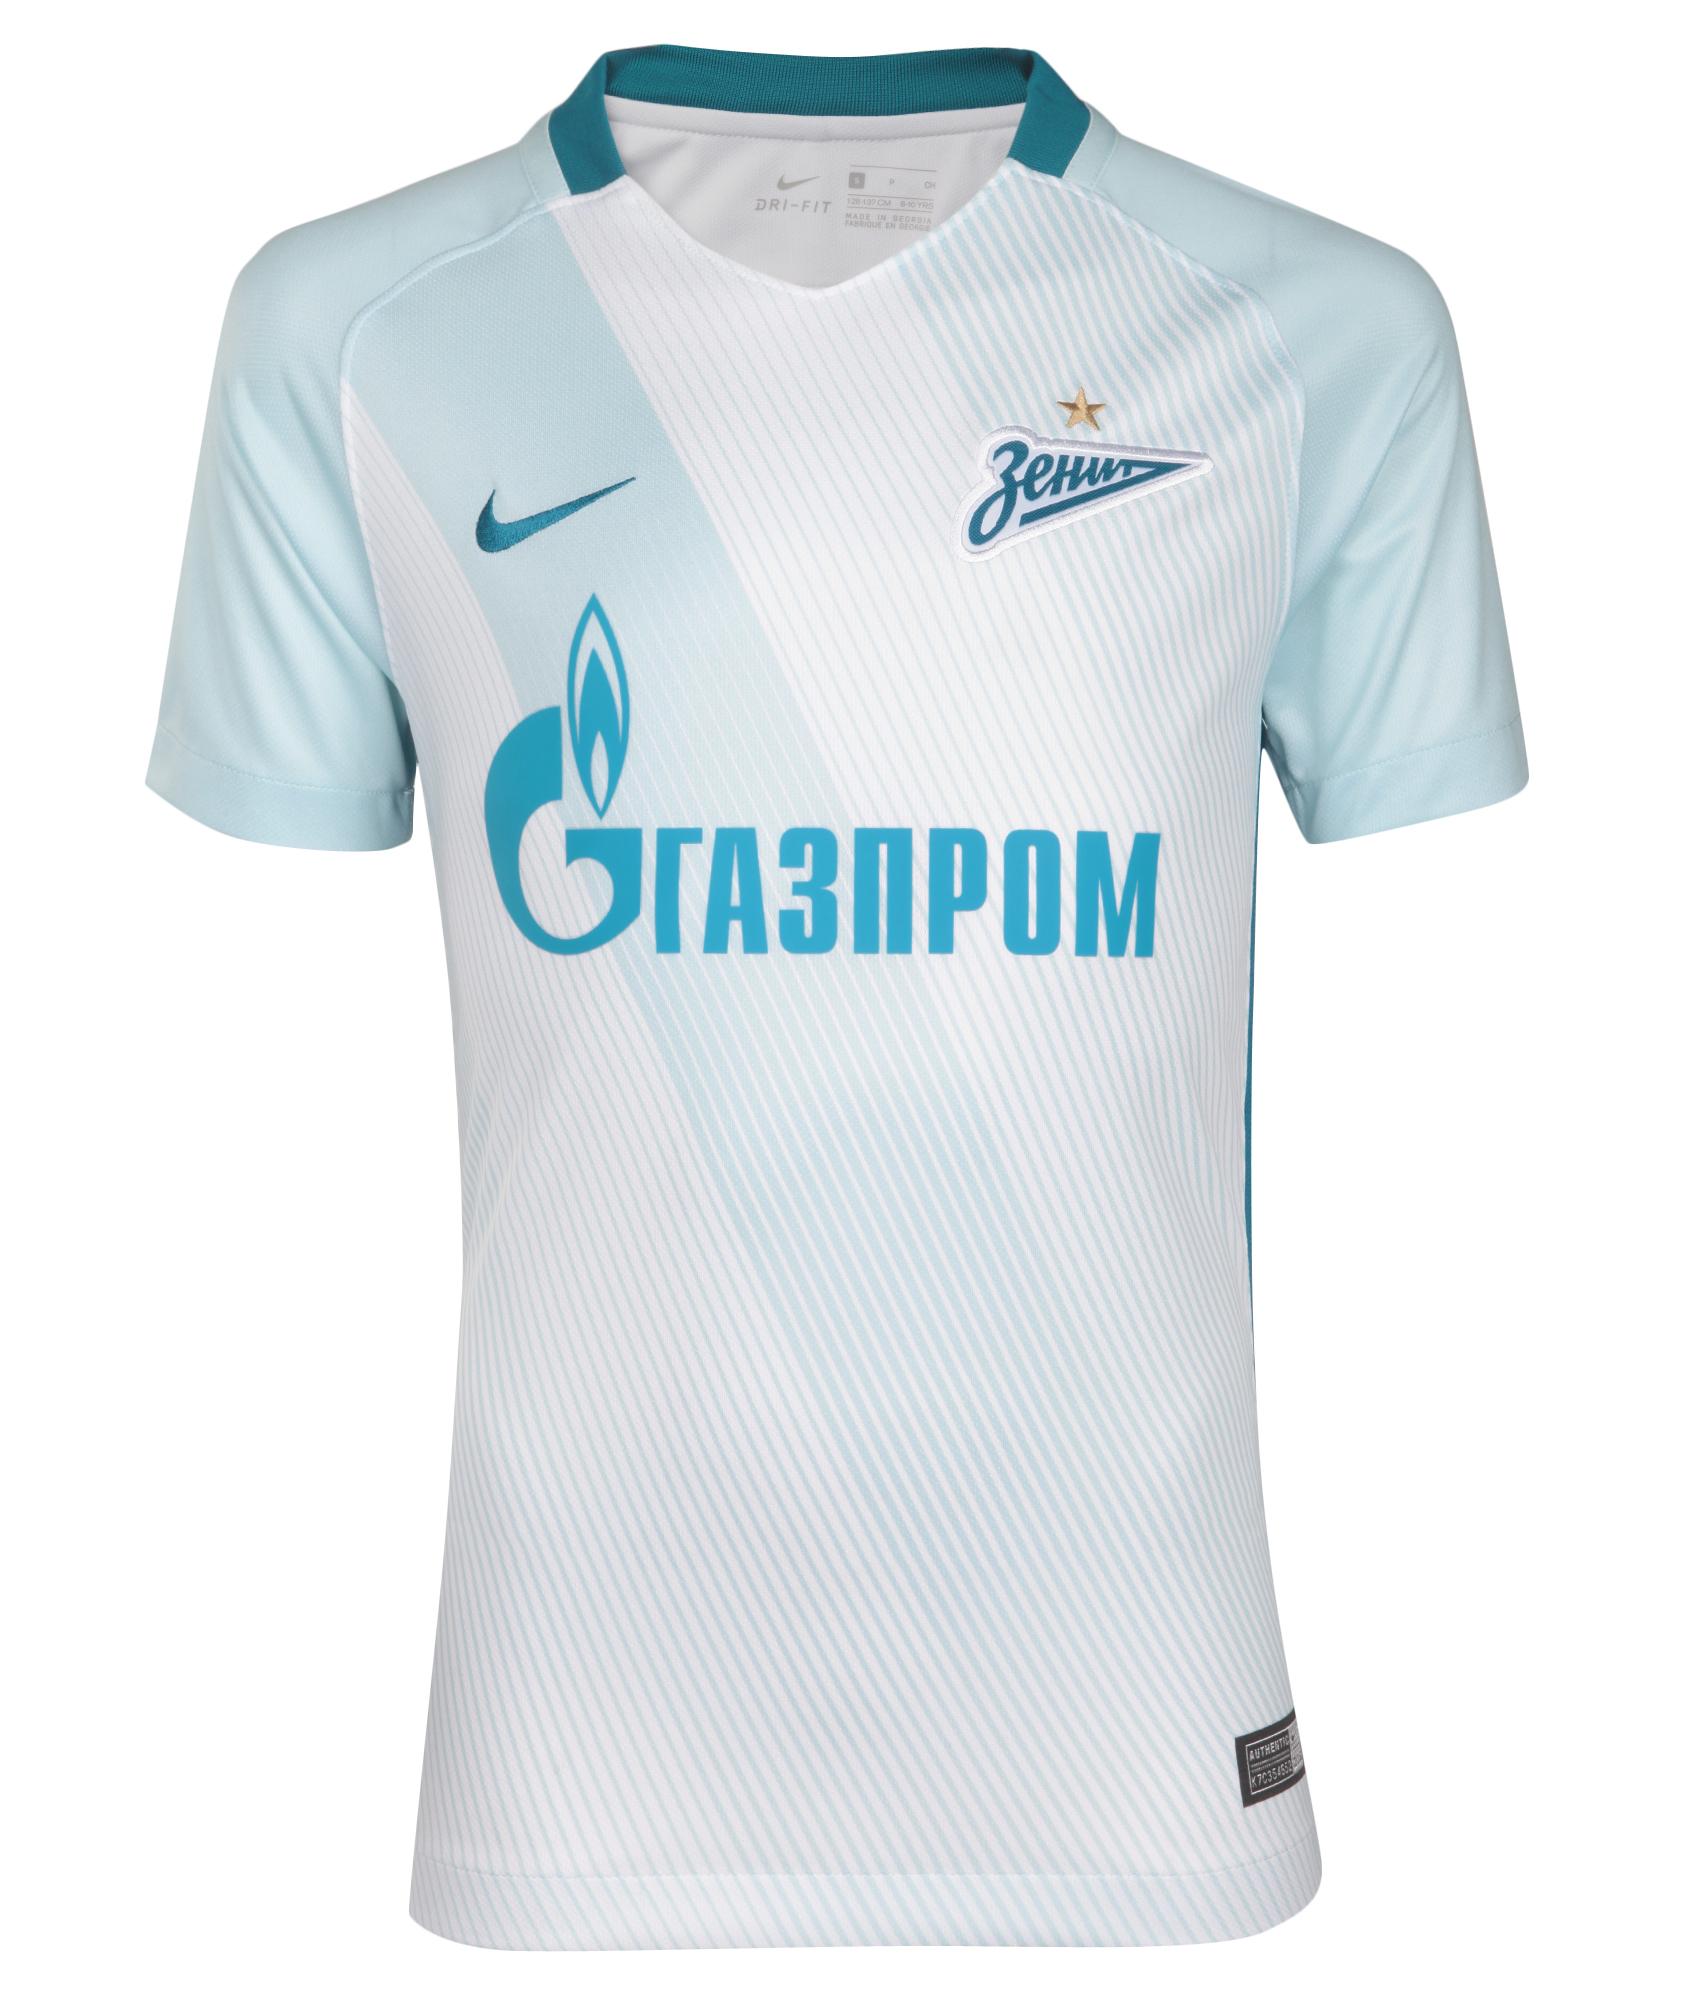 Подростковая выездная футболка Nike Nike Цвет-Белый ostin толстовка с камуфляжным принтом